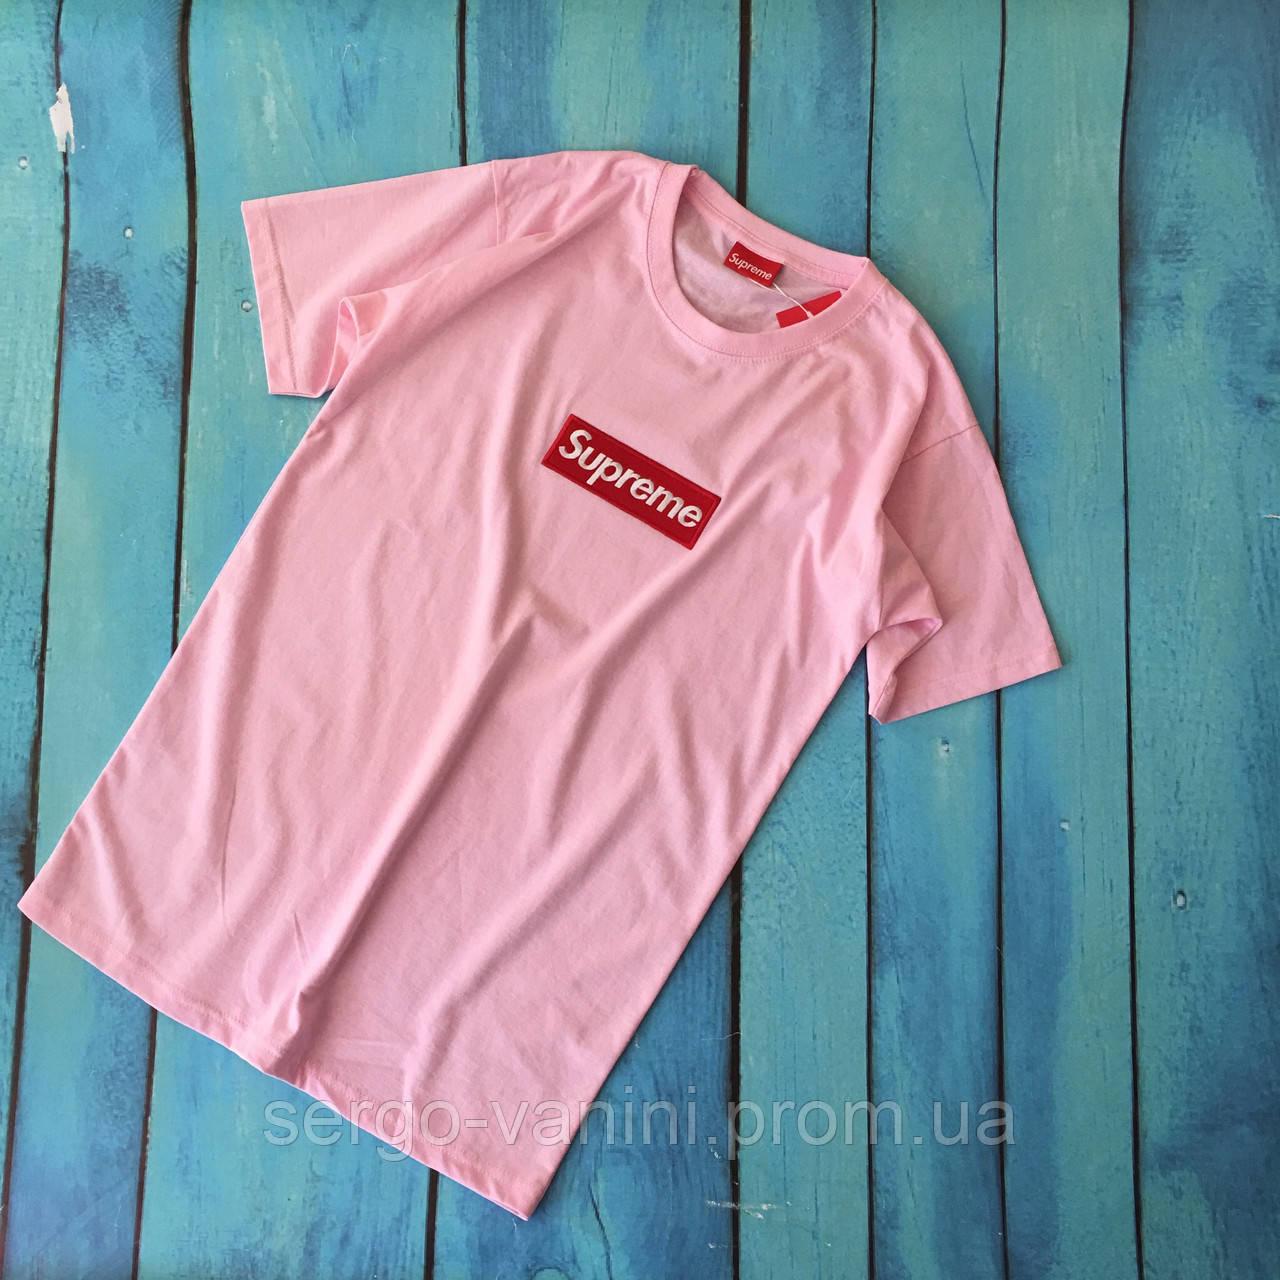 Футболочка Supreme Pink (реплика)